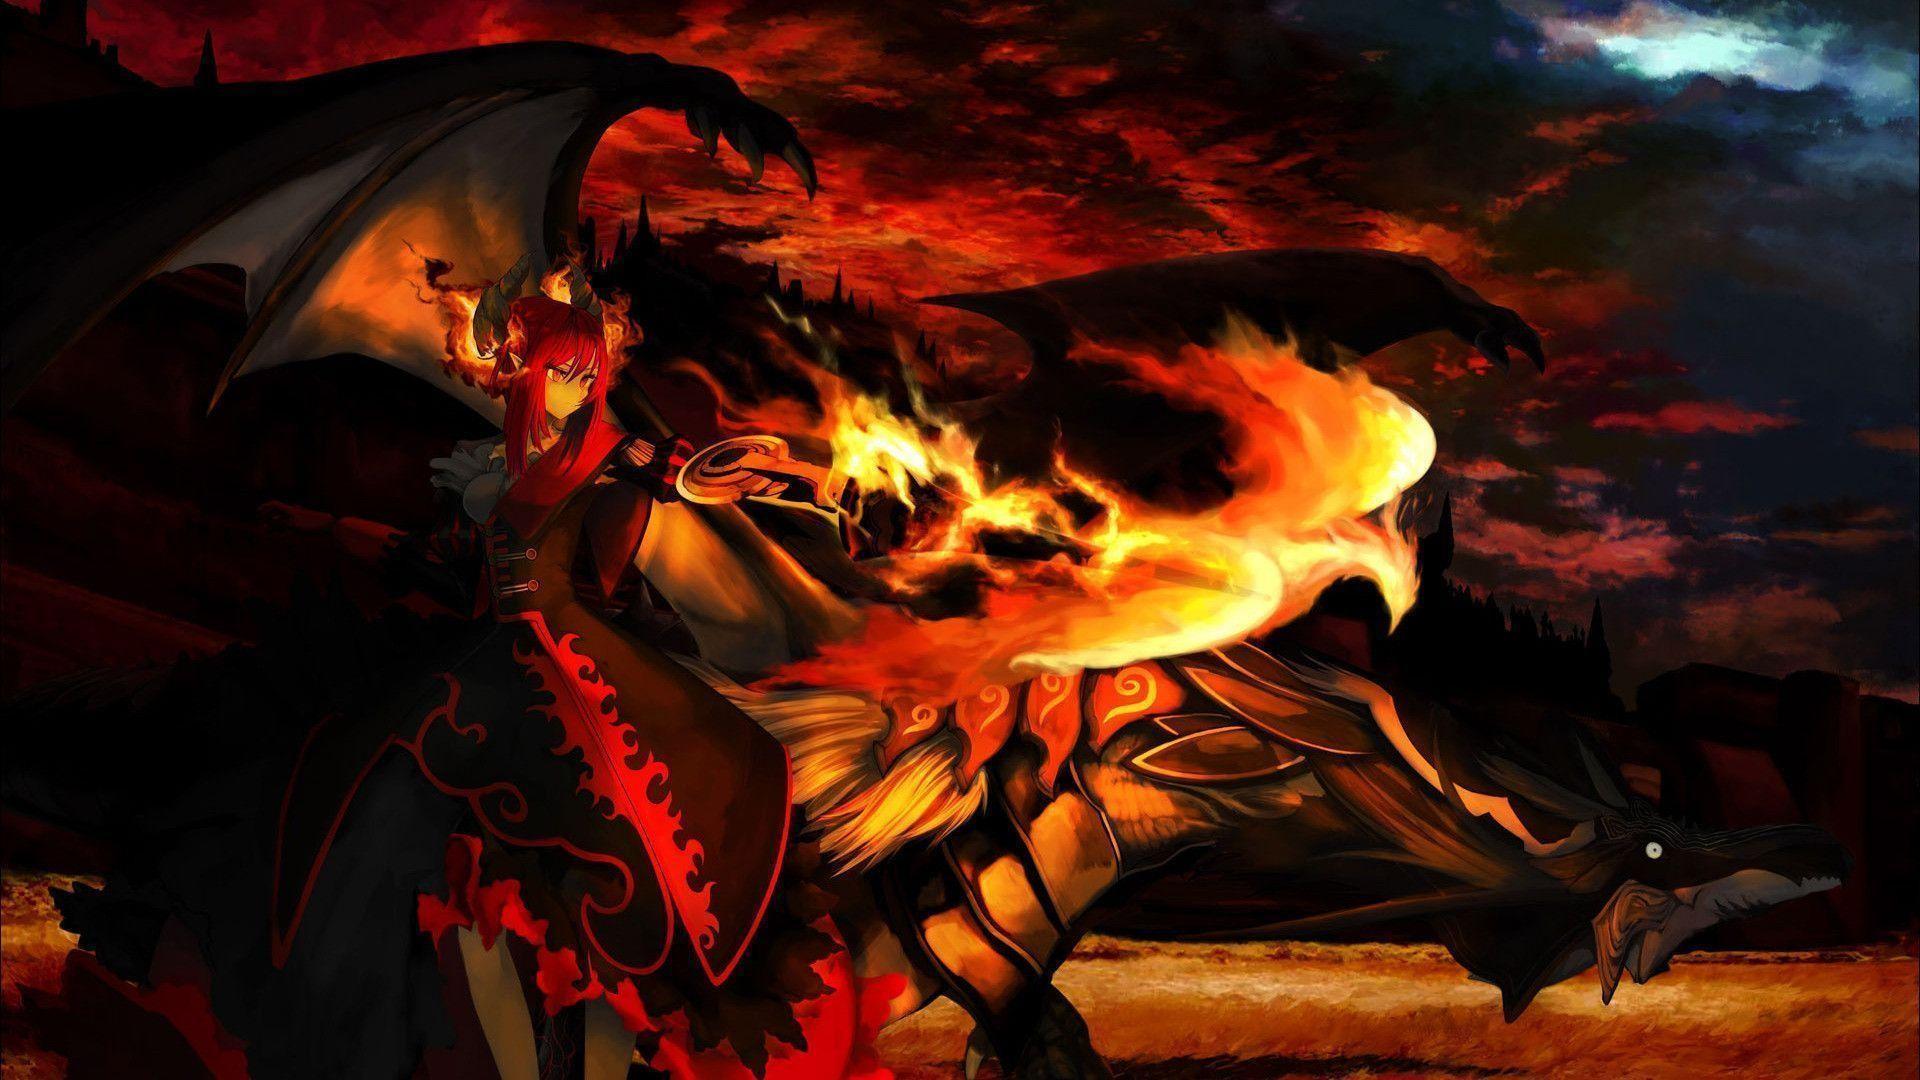 Wallpaper, Demon girl next to a dragon Wallpaper Wallpaper Hd ..